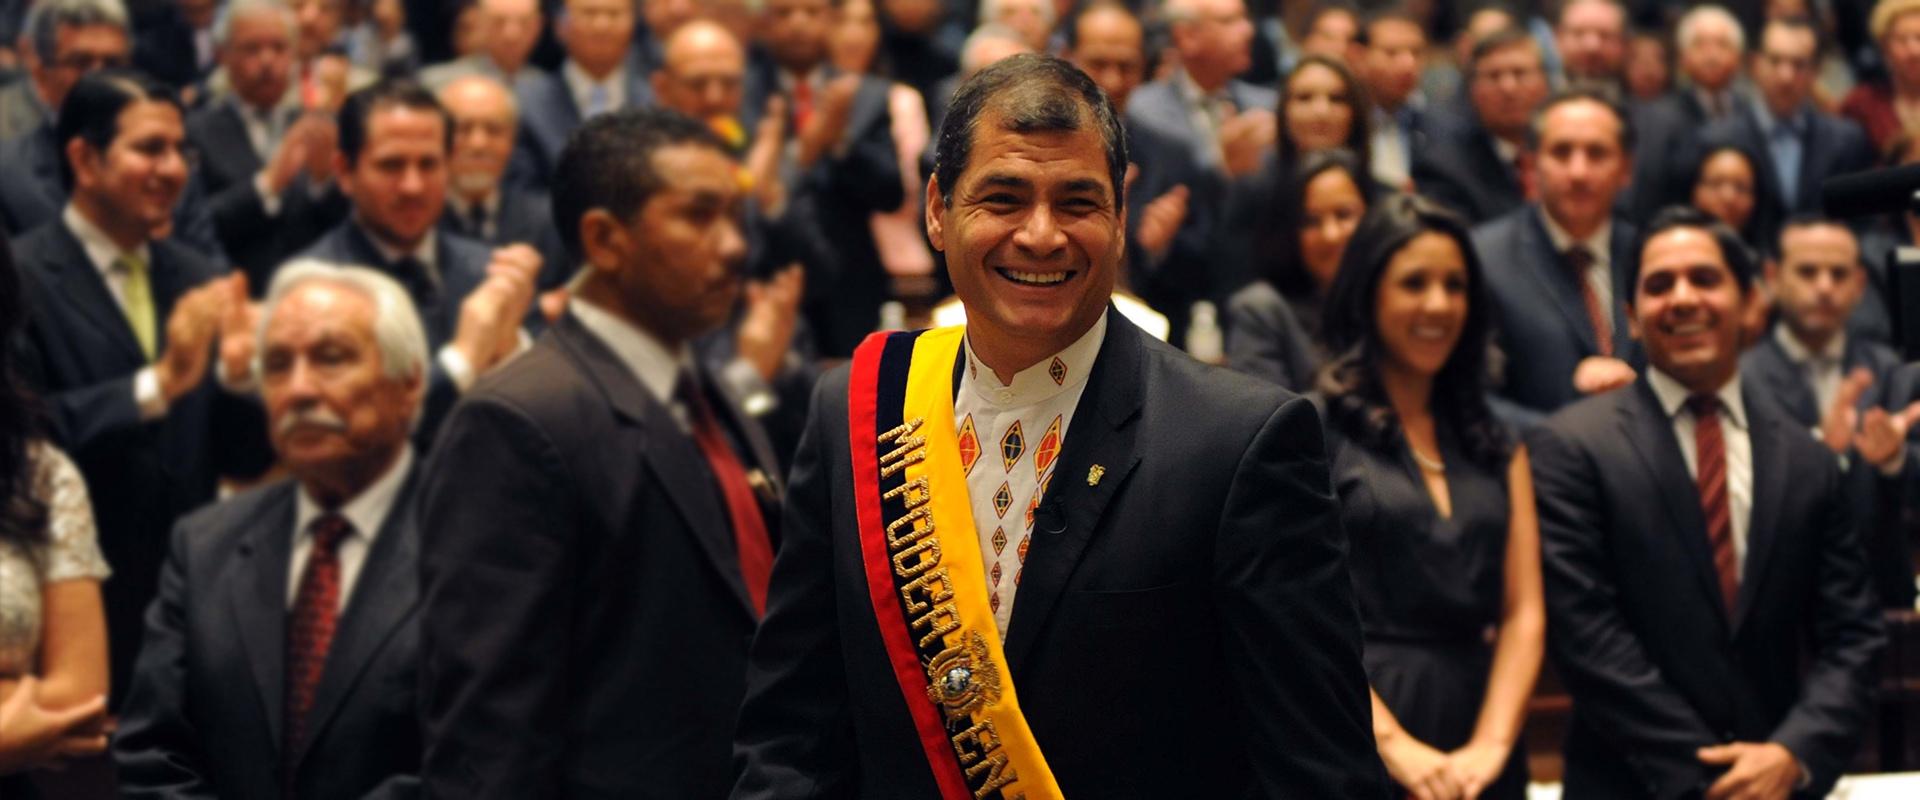 Guillermo Lasso rompió el acuerdo de gobernabilidad por presión mediática